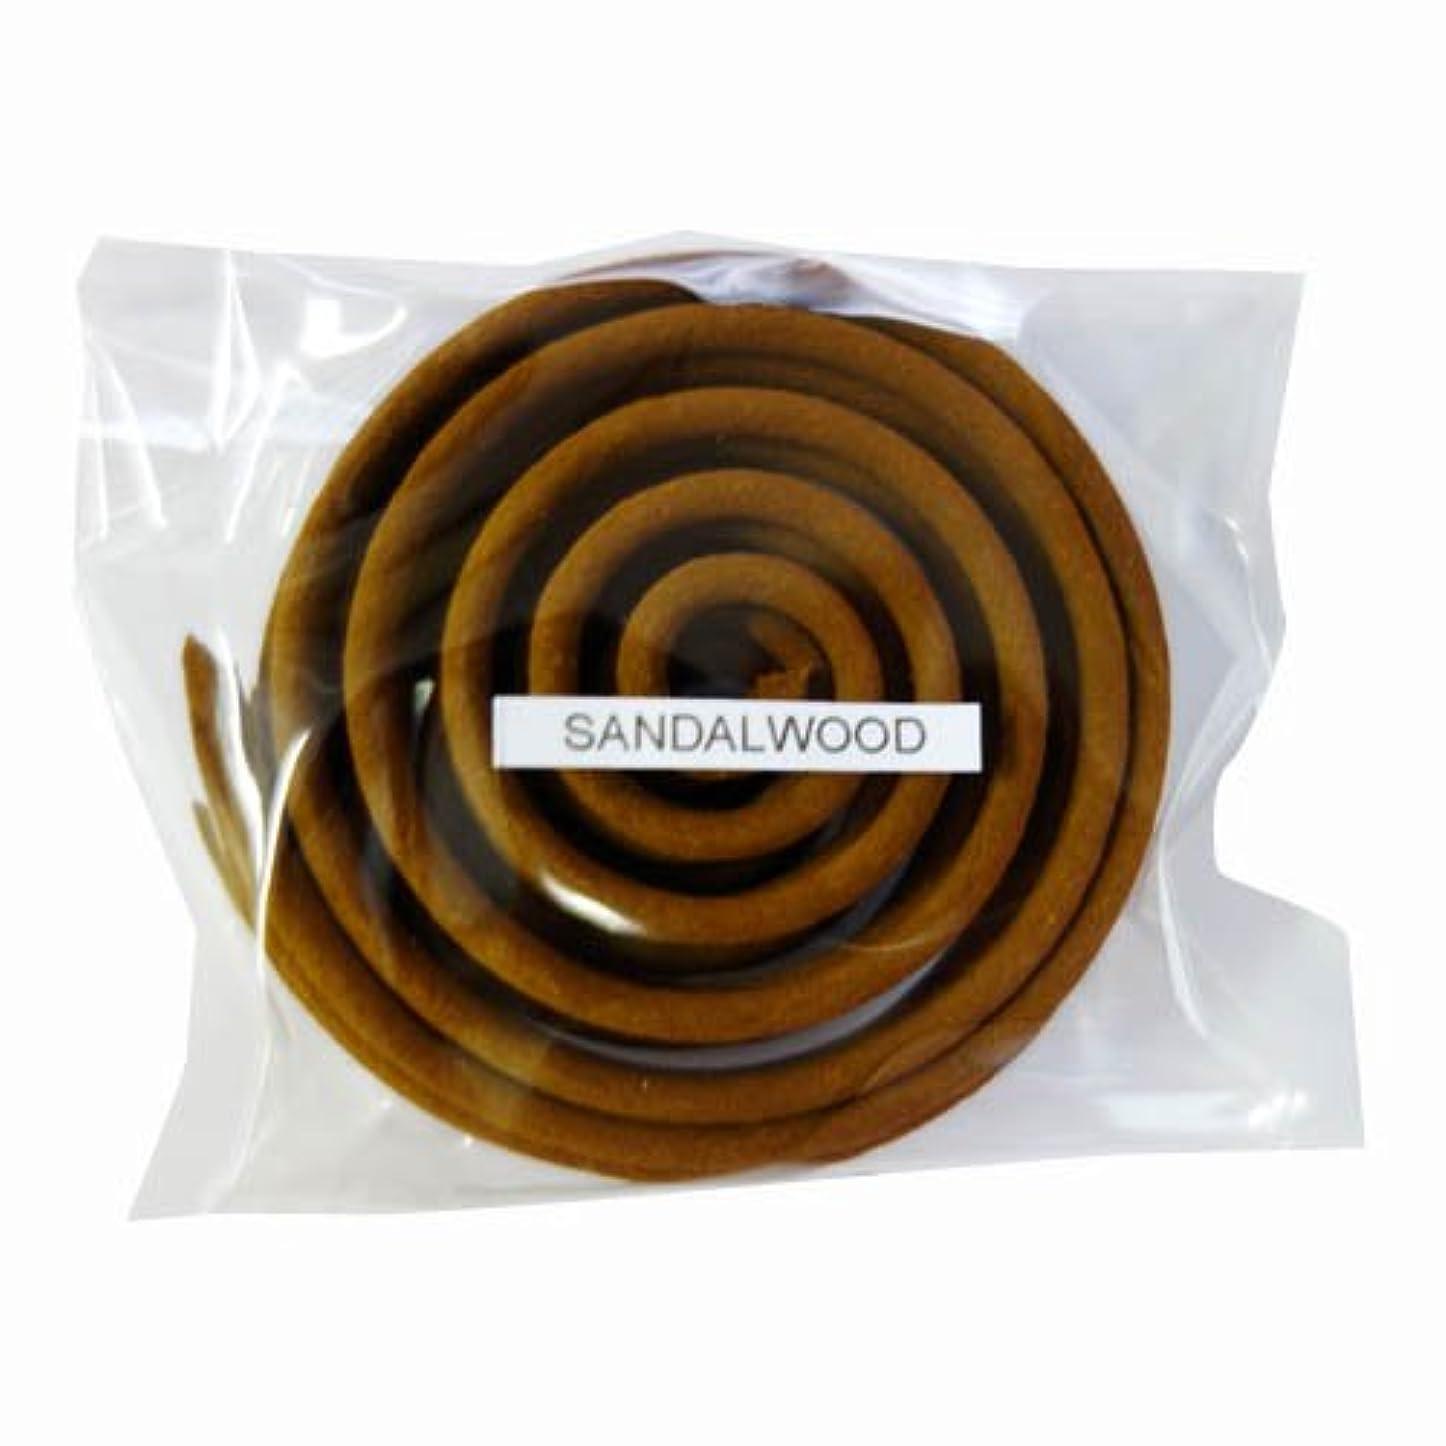 重荷あいまいさ半導体お香/うずまき香 SANDALWOOD サンダルウッド 直径6.5cm×5巻セット [並行輸入品]